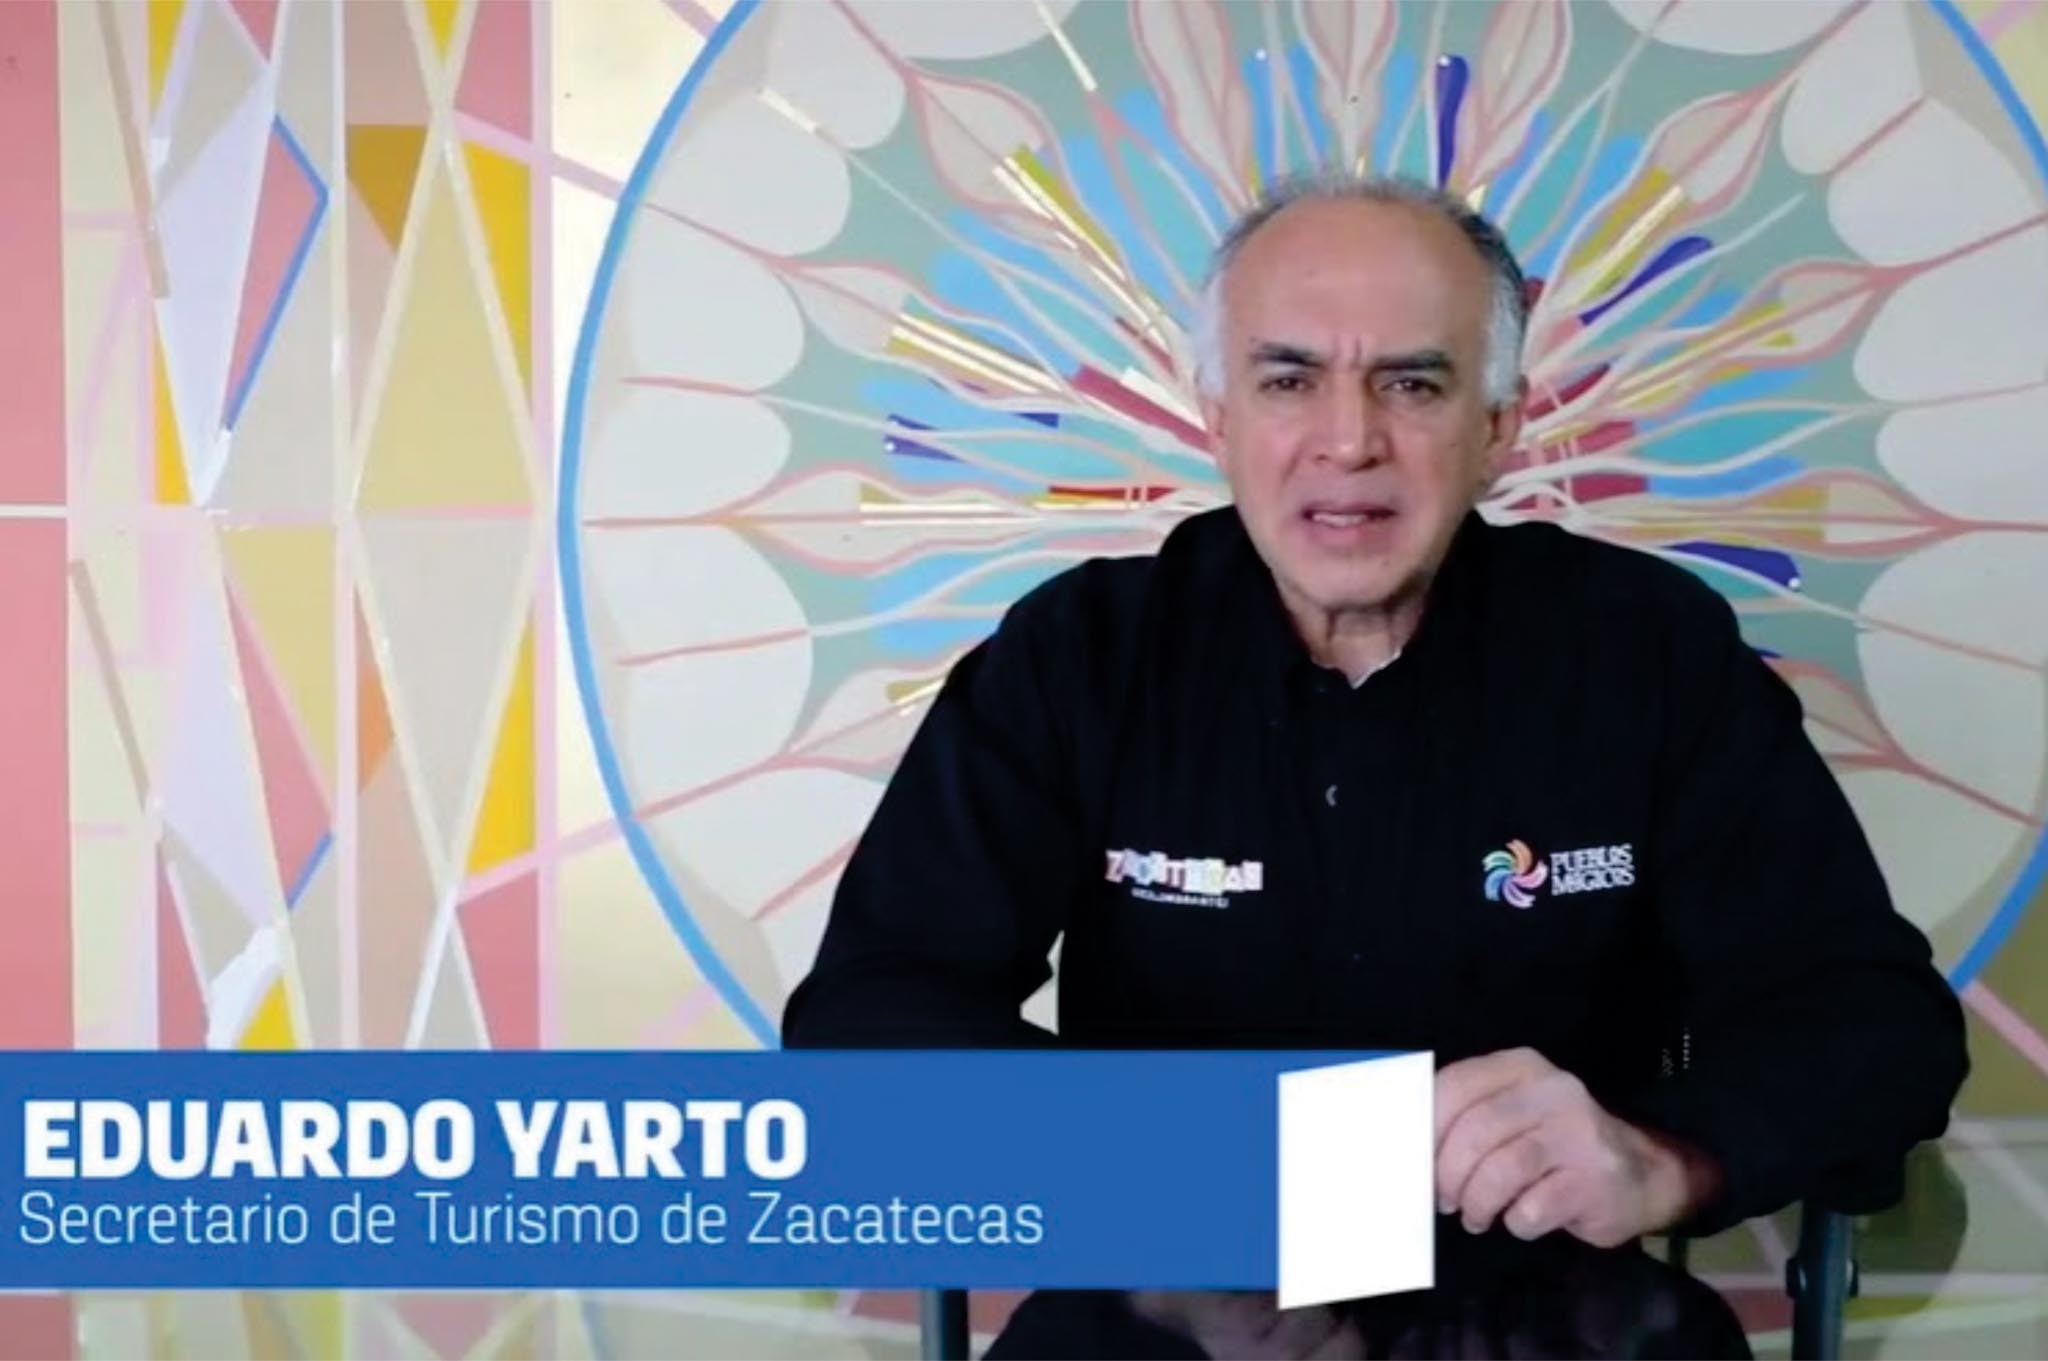 Promocionarán a Zacatecas deslumbrante en nueva plataforma de viajes